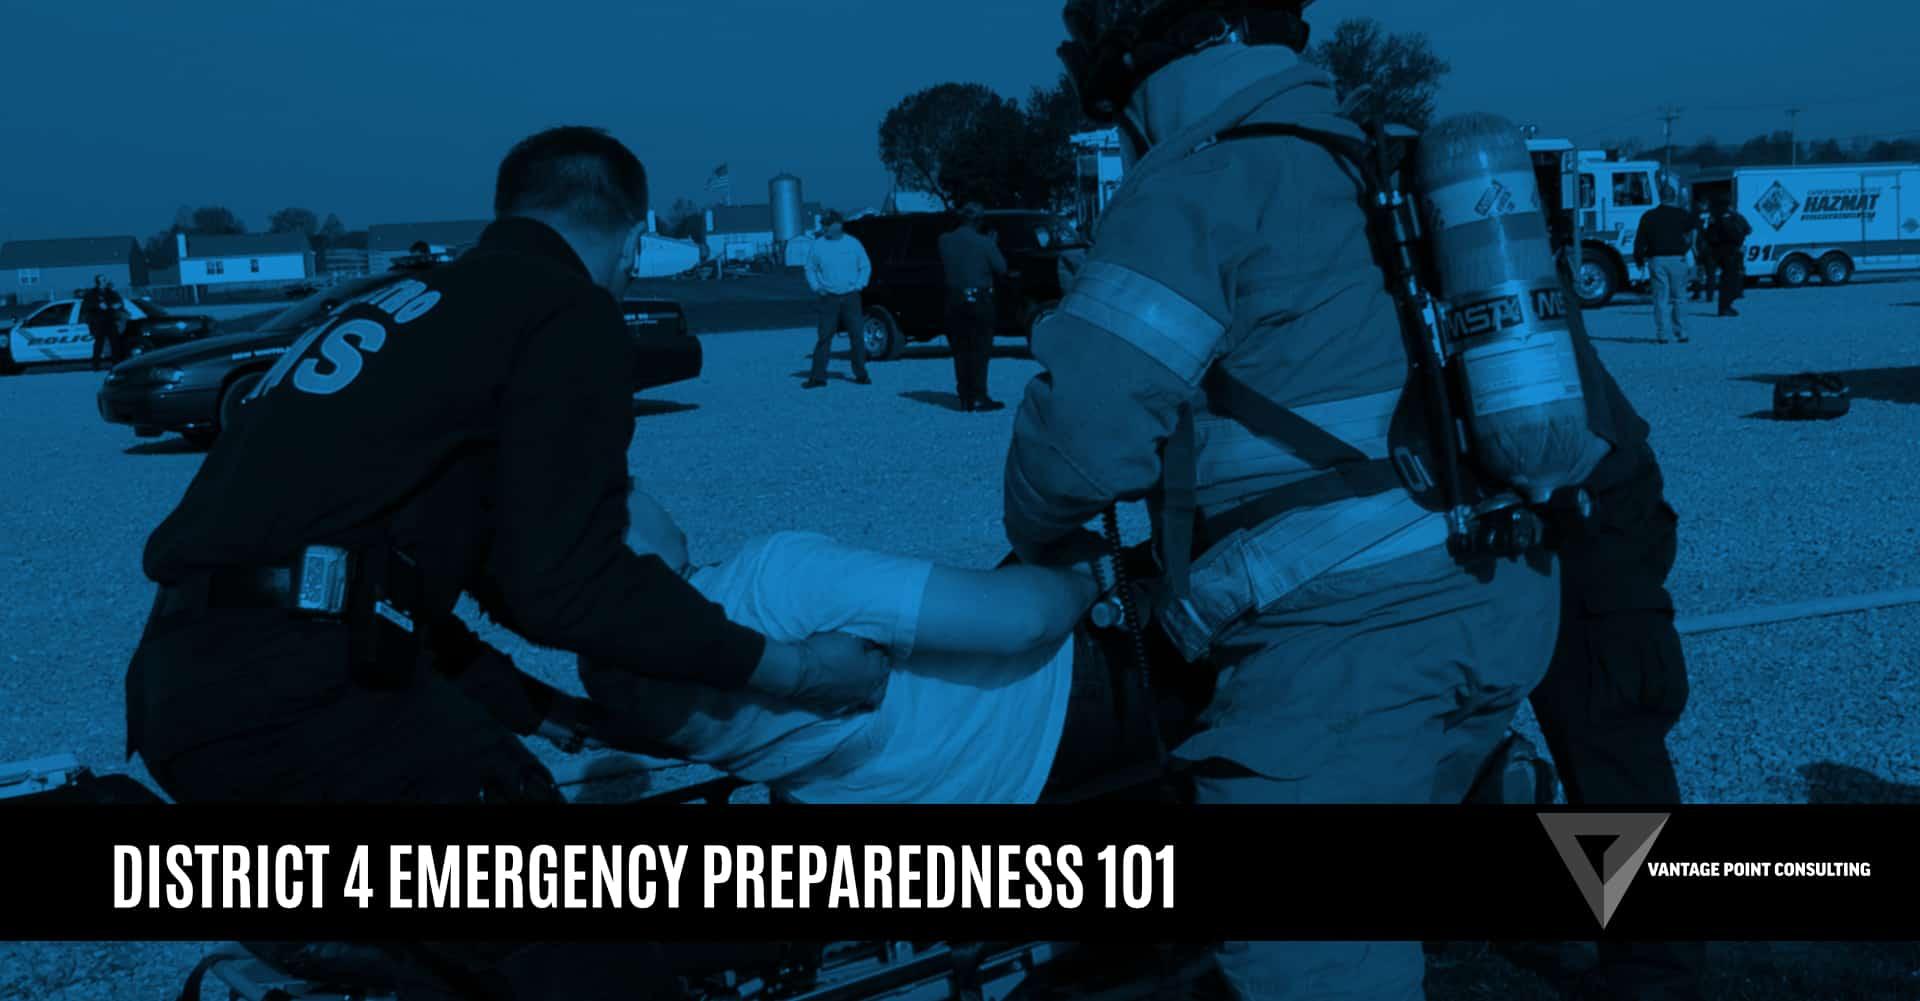 Emergency Training Drill